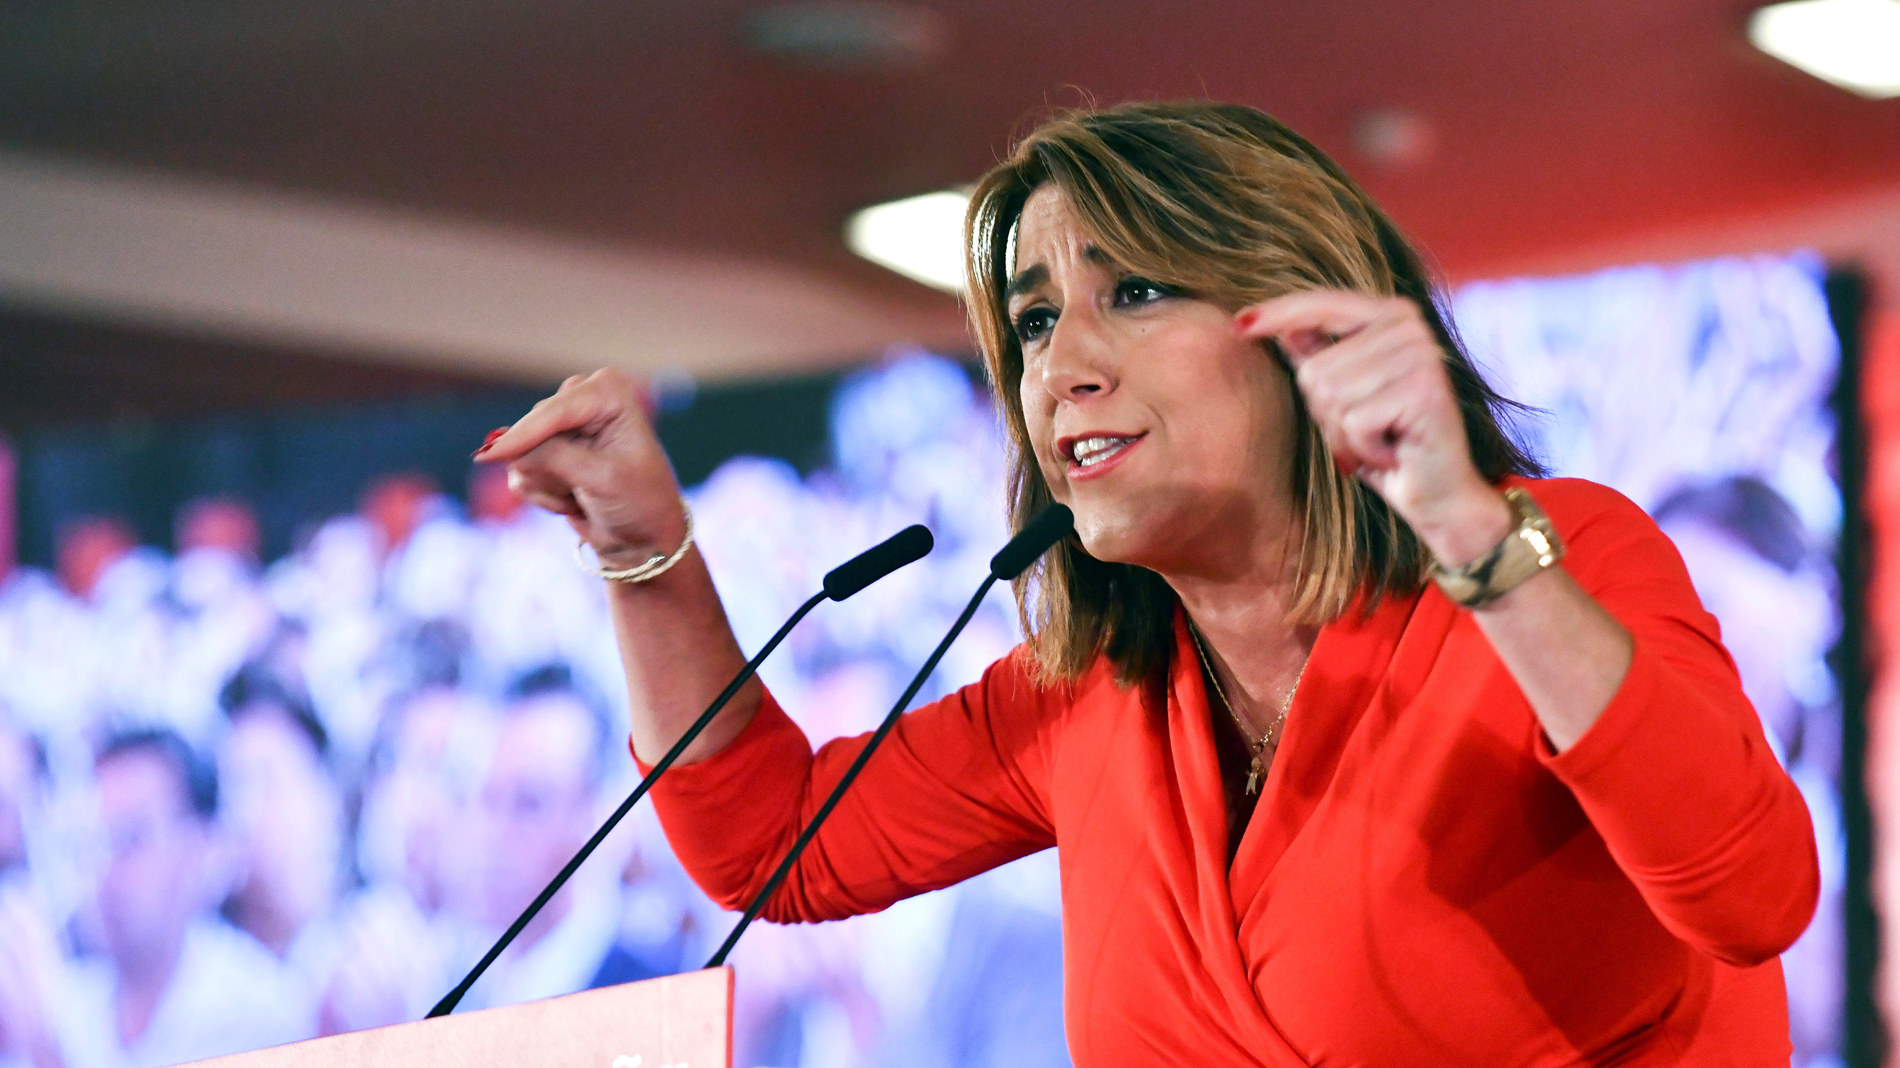 Ir al VideoLa Junta de Andalucía culpa a Susana Díaz de las dificultades para recuperar el dinero defraudado en los ERE